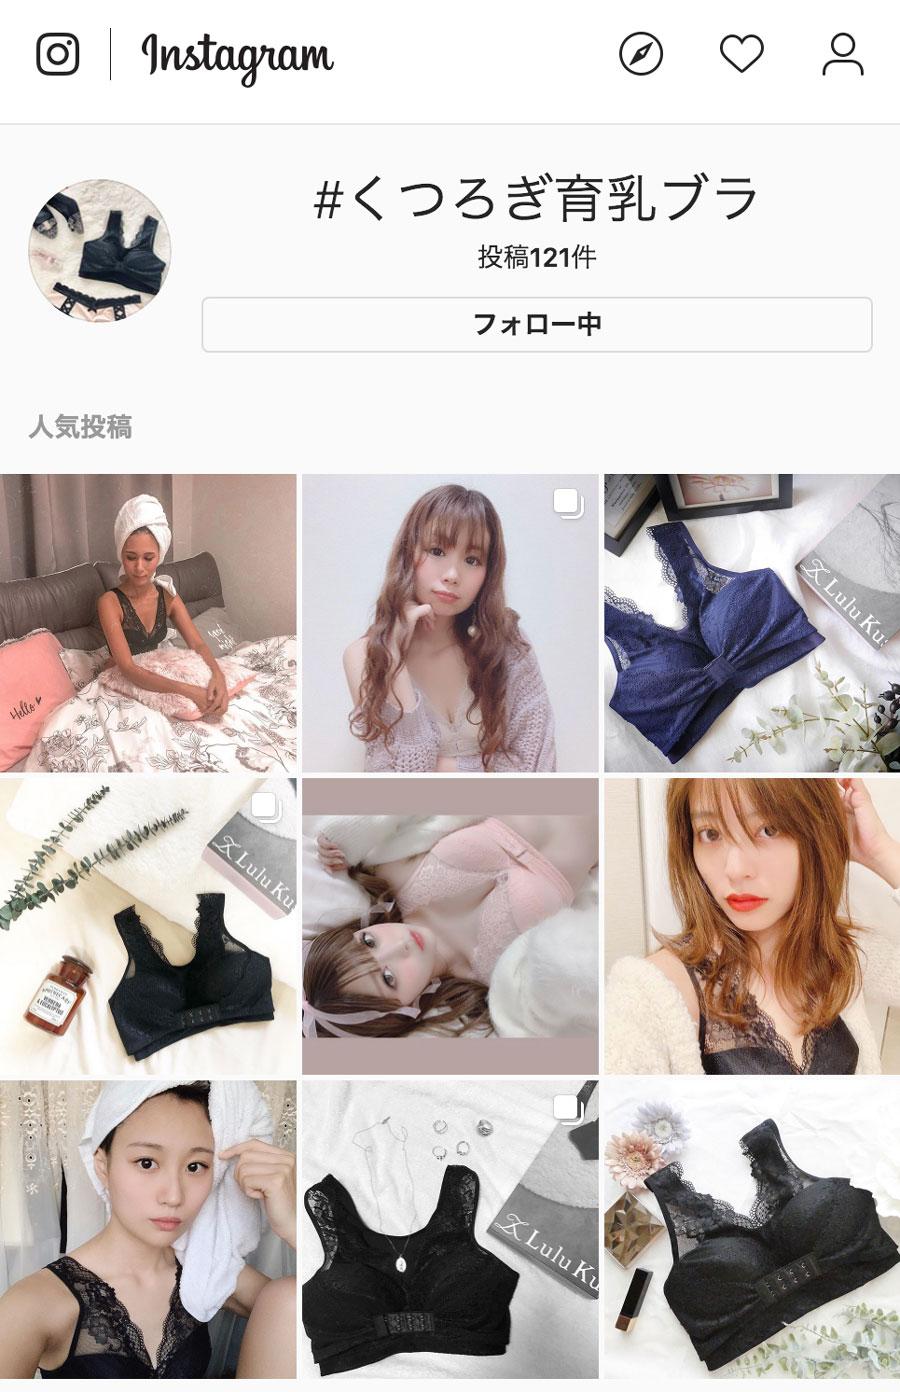 ルルクシェルくつろぎ育乳ブラ_口コミ_Instagram